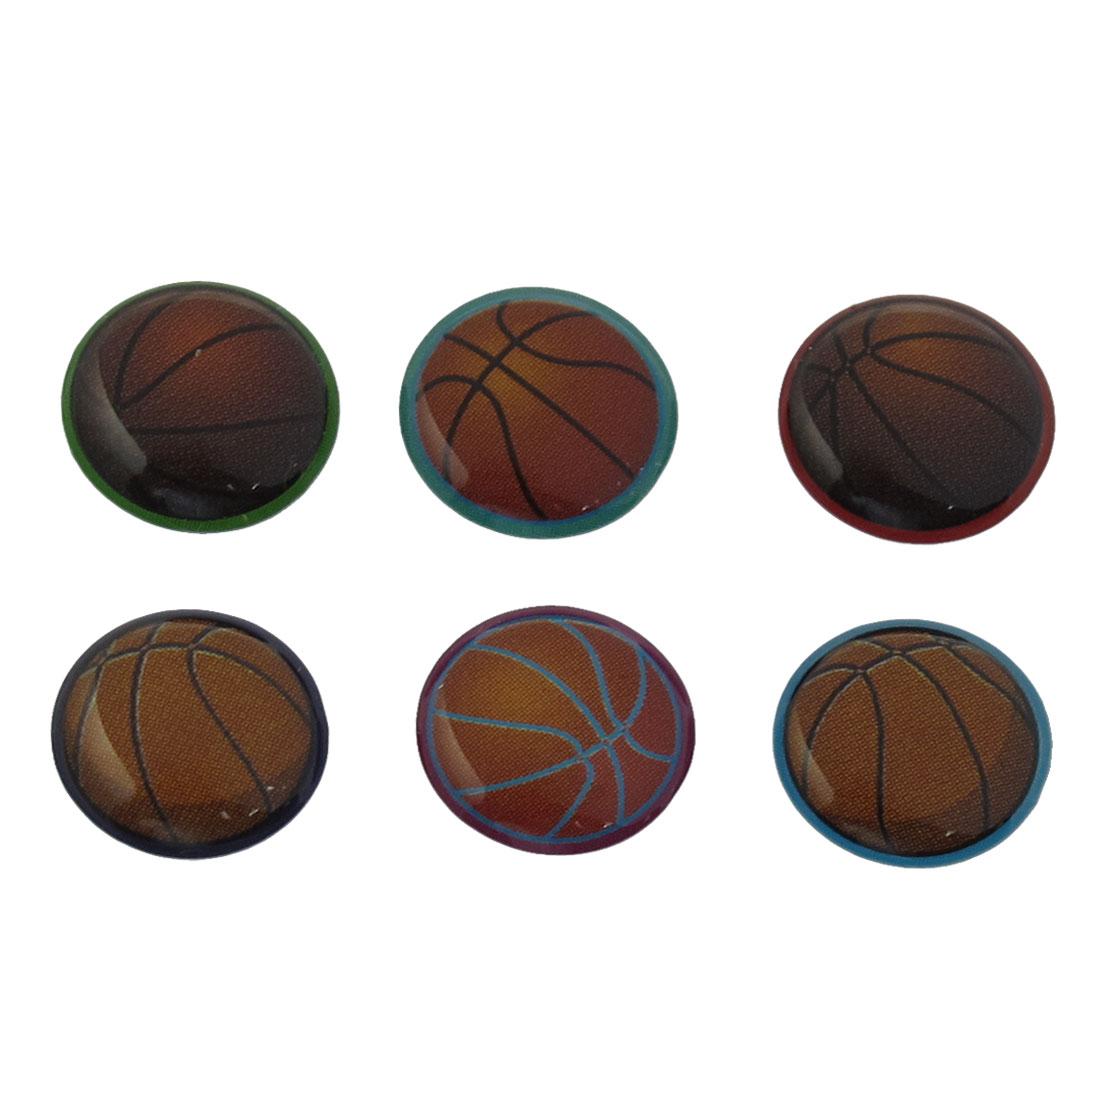 6 Pcs Brown Black Basketball Prints Home Button Sticker